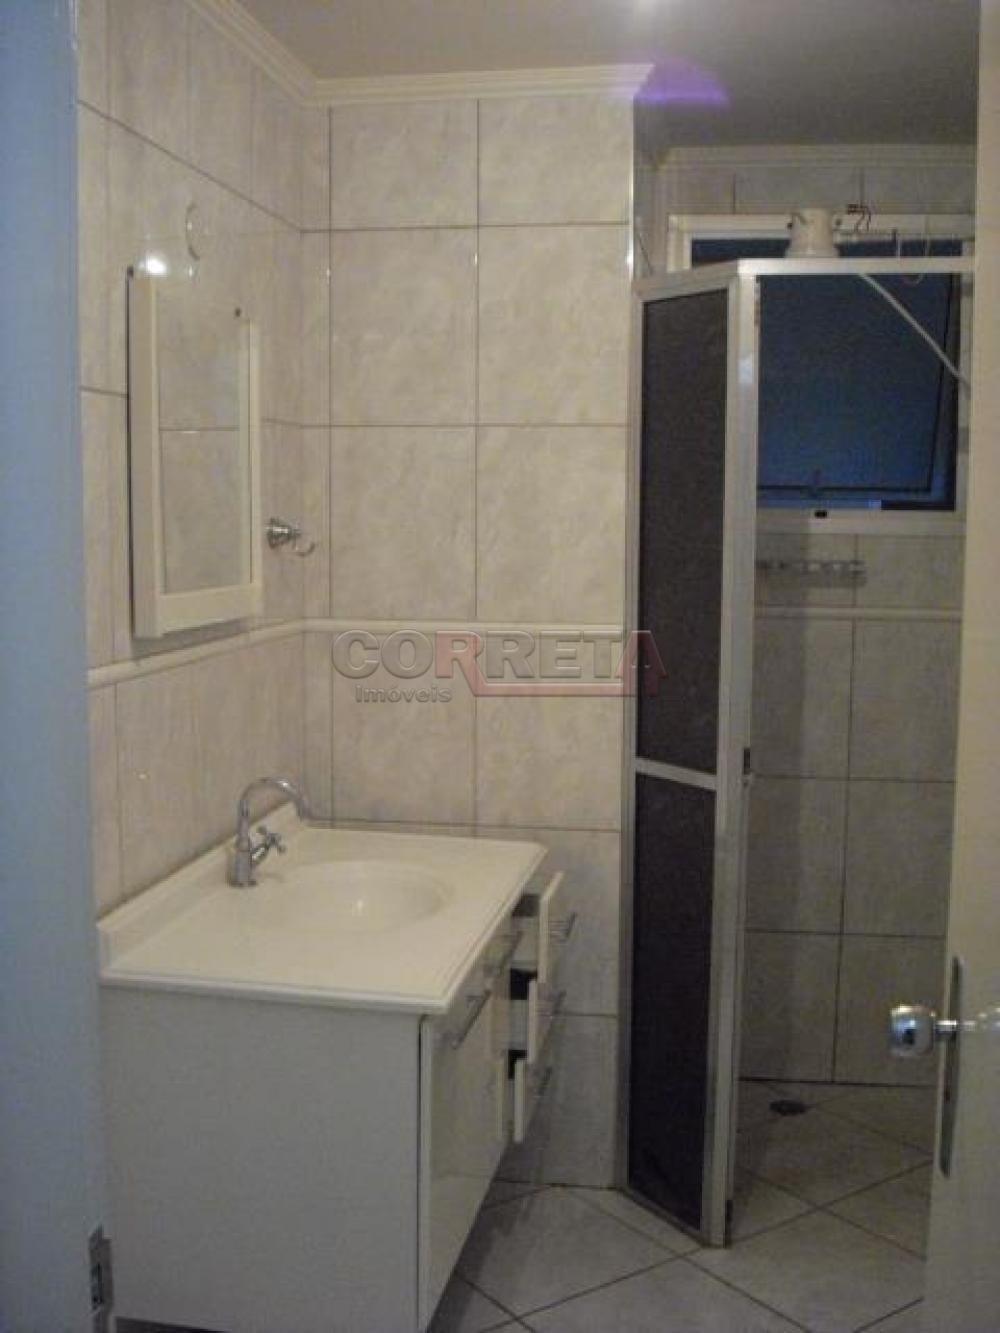 Comprar Apartamento / Padrão em Araçatuba apenas R$ 300.000,00 - Foto 4